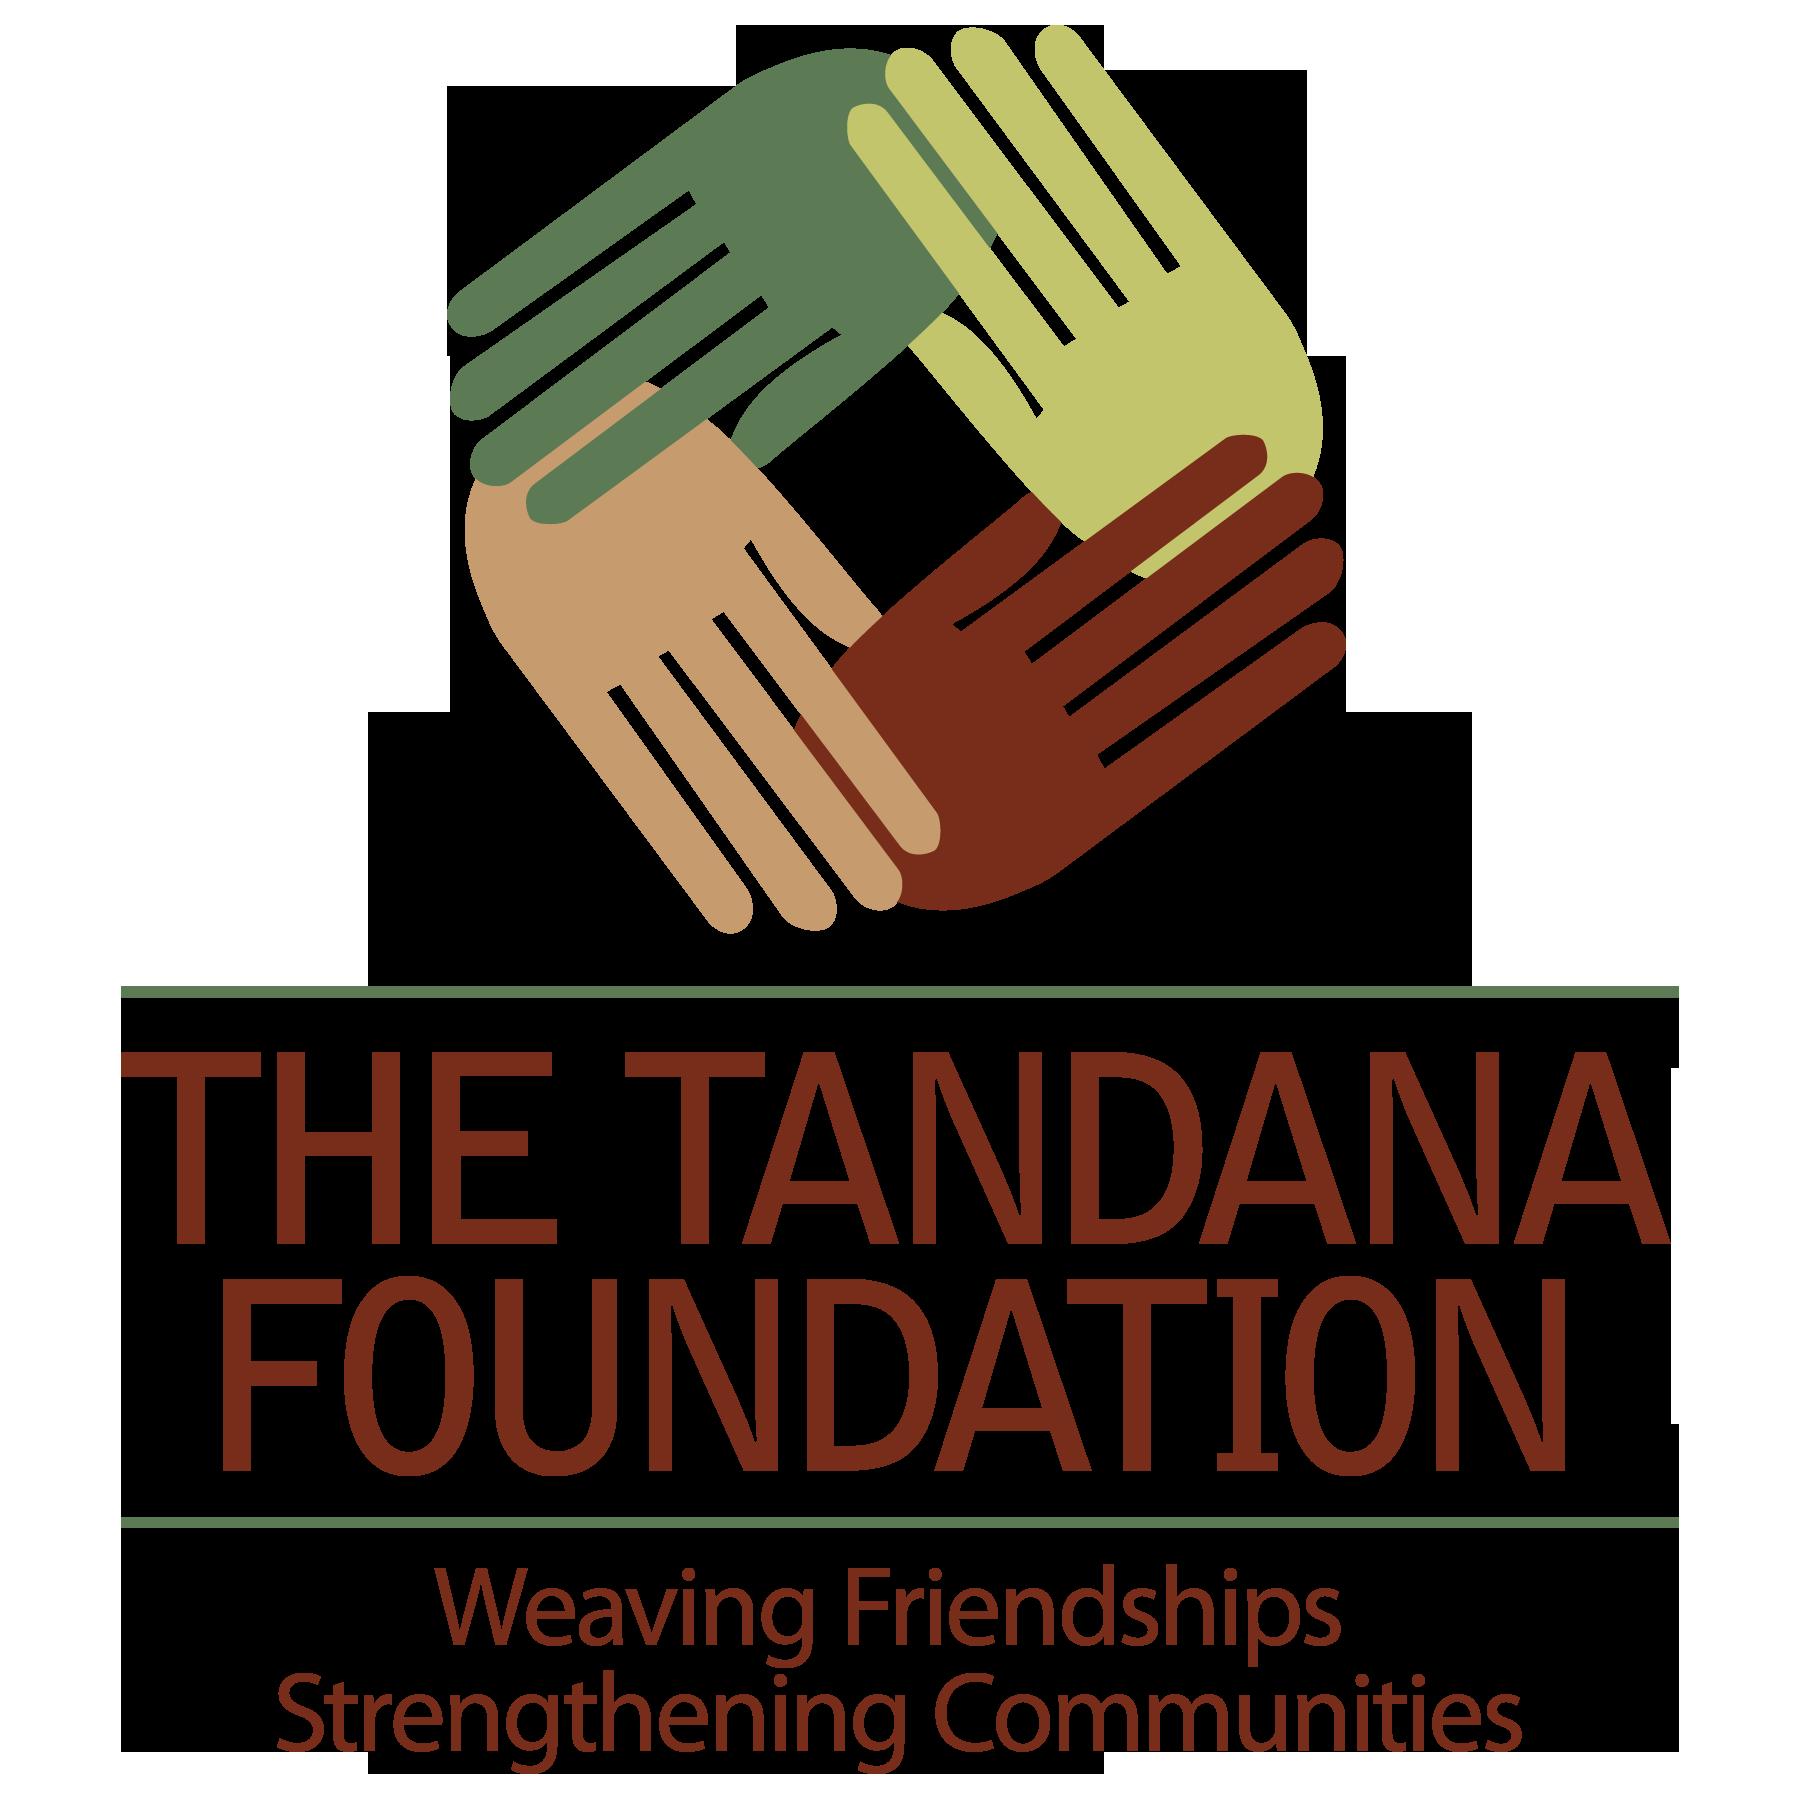 Logo of The Tandana Foundation